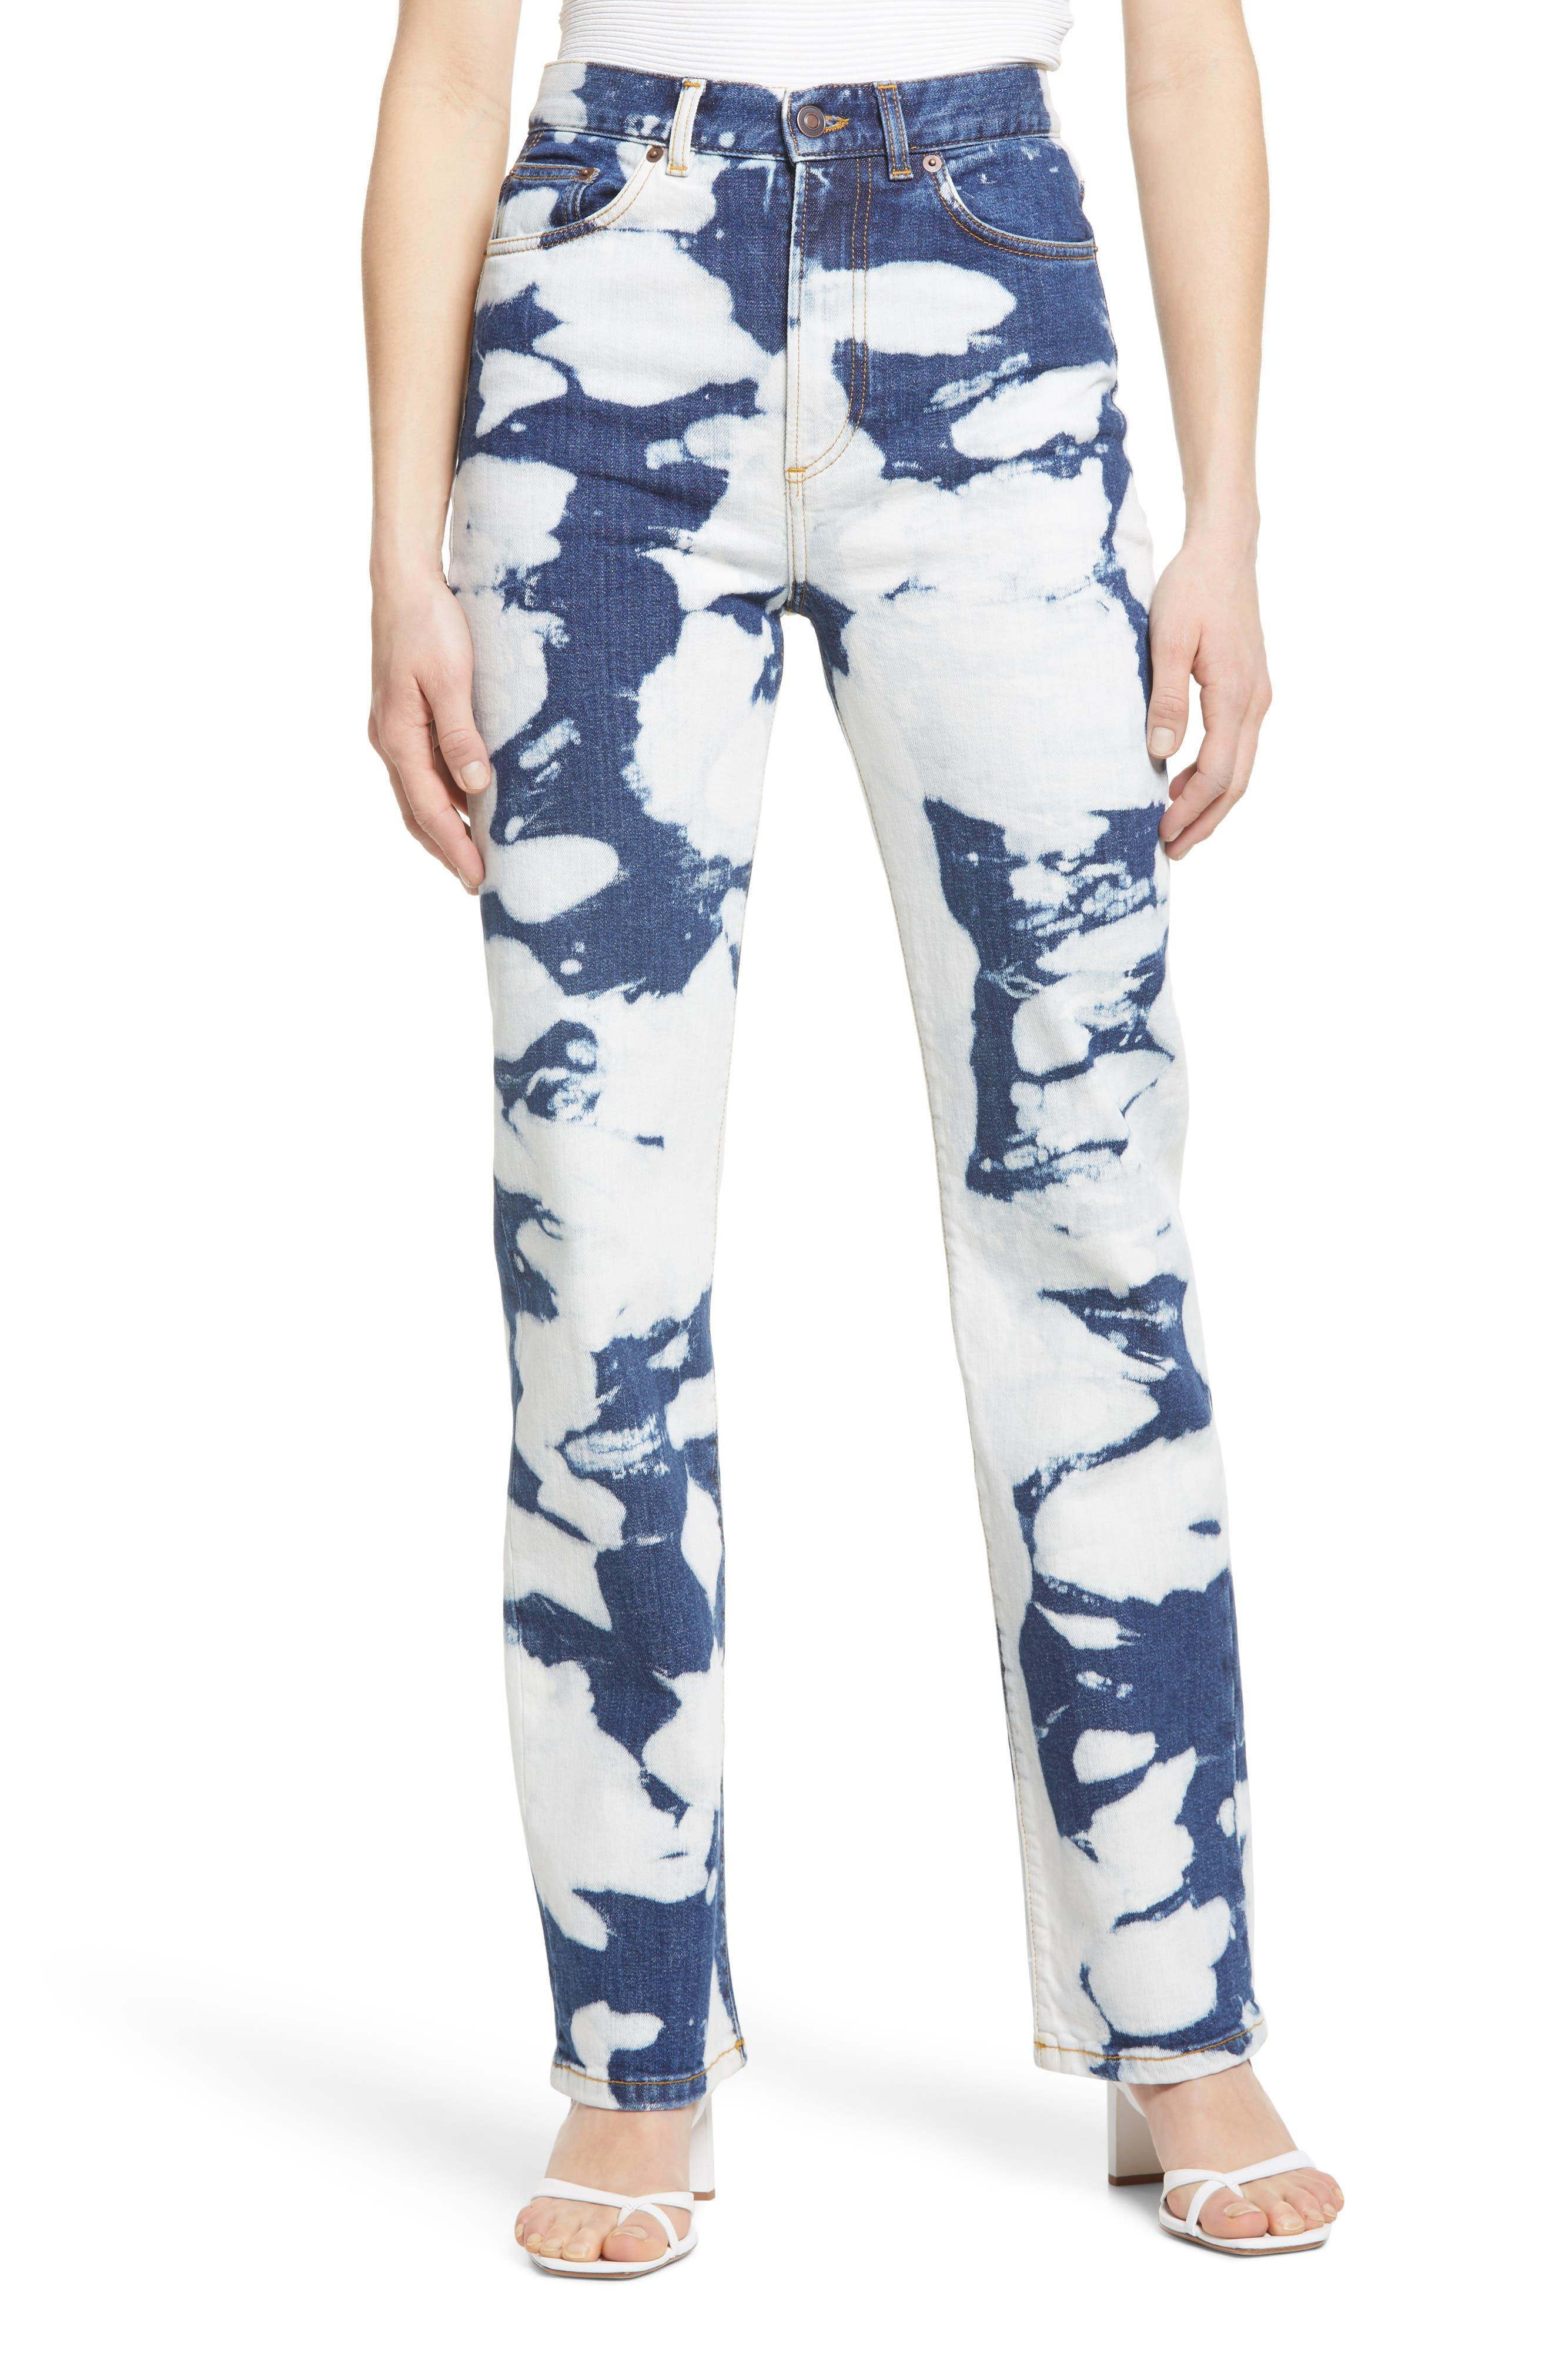 Eiffel High Waist Bootcut Jeans